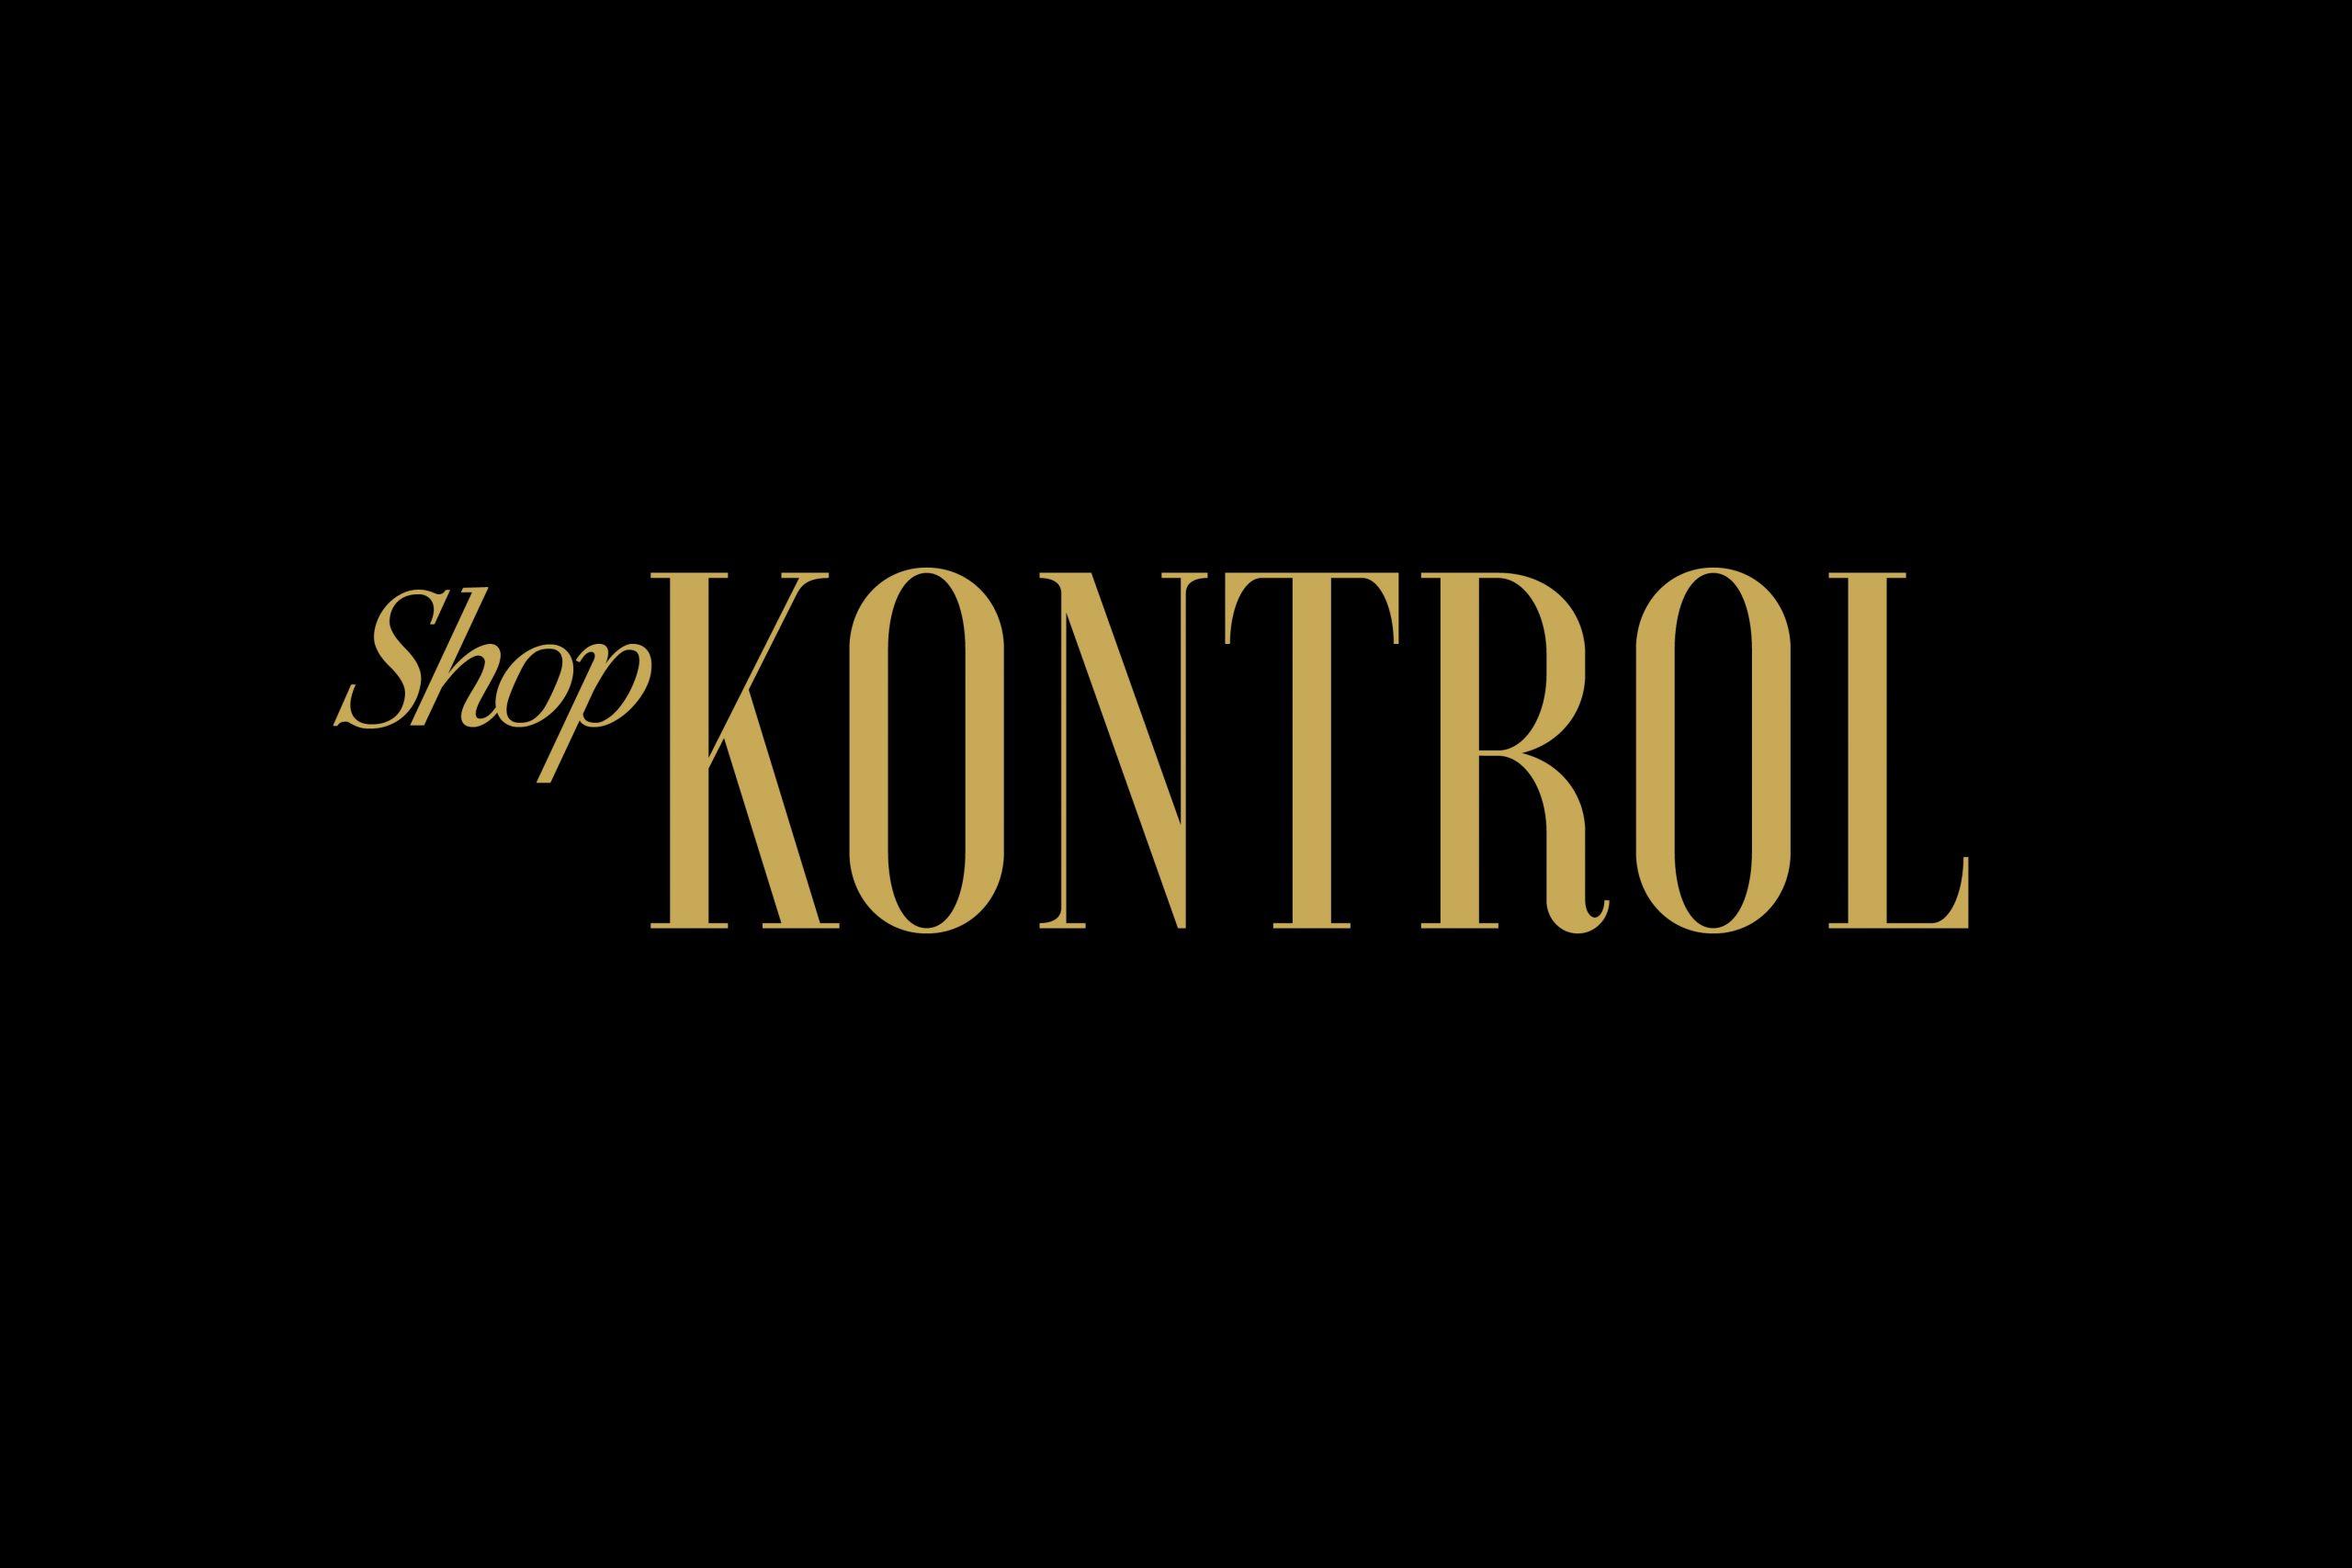 Shop Kontrol Logo